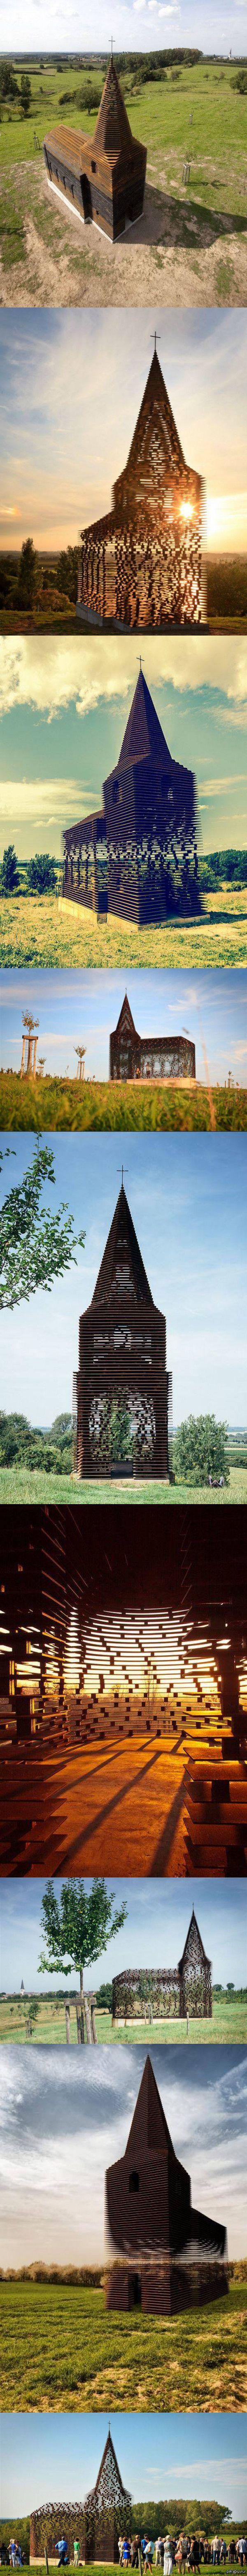 """""""Необычная церковь в Бельгии""""   фото, церковь, архитектура, памятник, Интересное, длиннопост"""